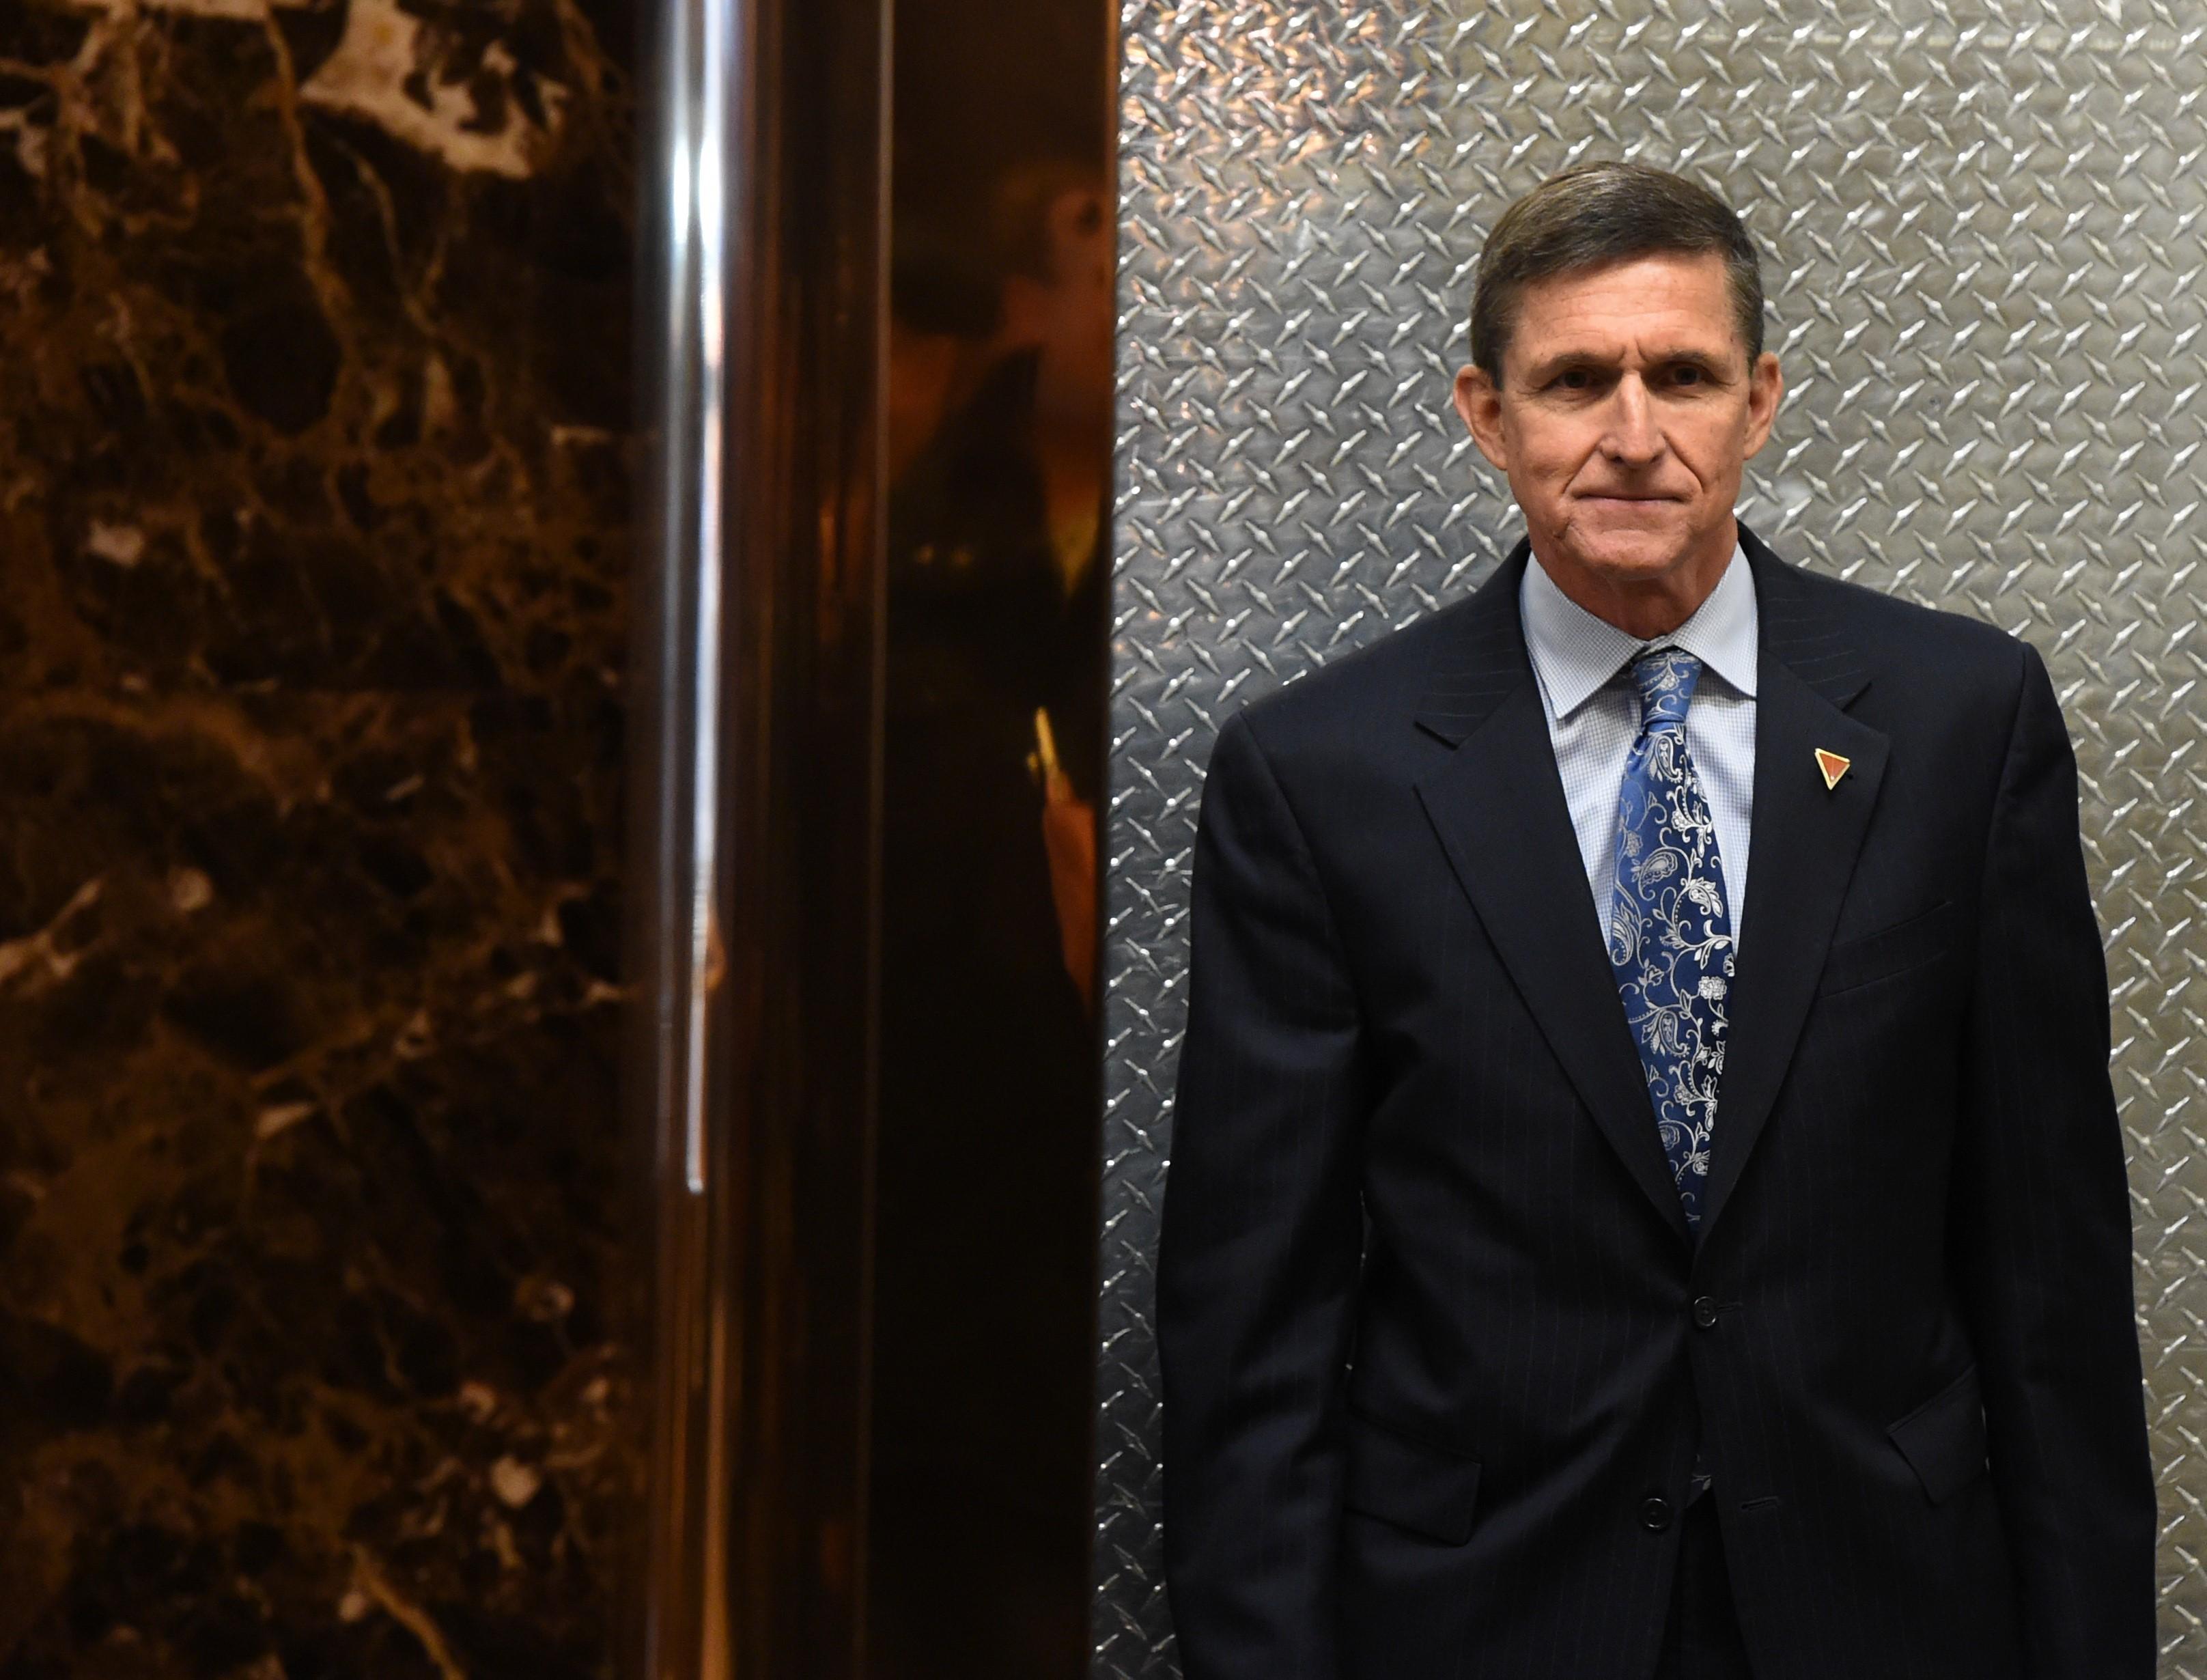 """Elhalasztották Michael Flynn ítéletét, bár a bíró azt mondta, """"eladta a hazáját"""""""